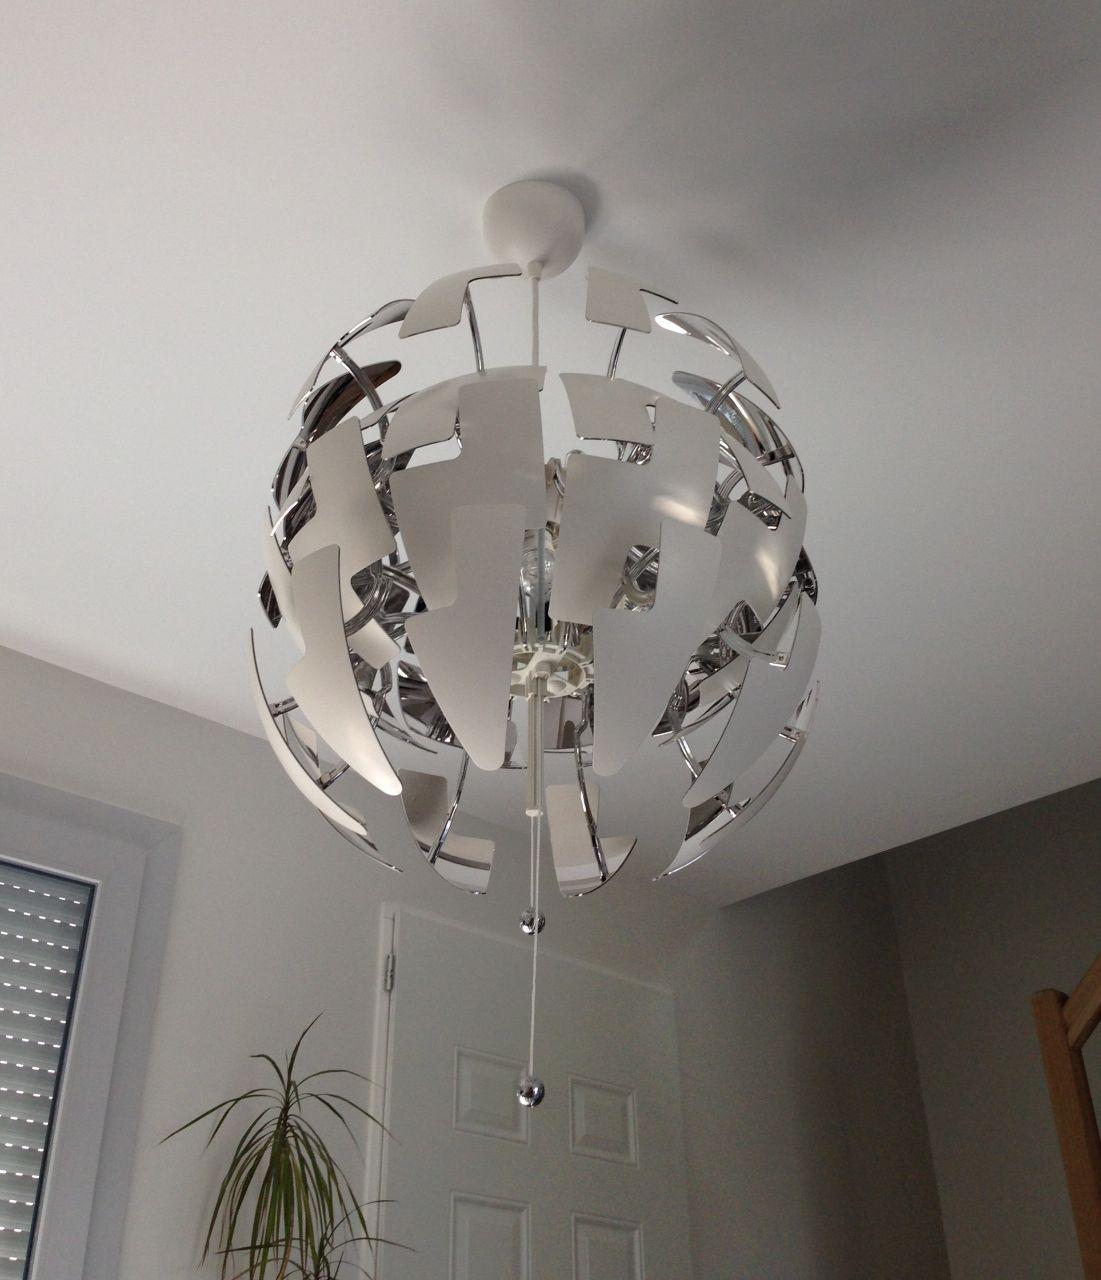 Photo lustre ikea d coration salon salle manger indre et loire 37 - Lustre pour chambre ...